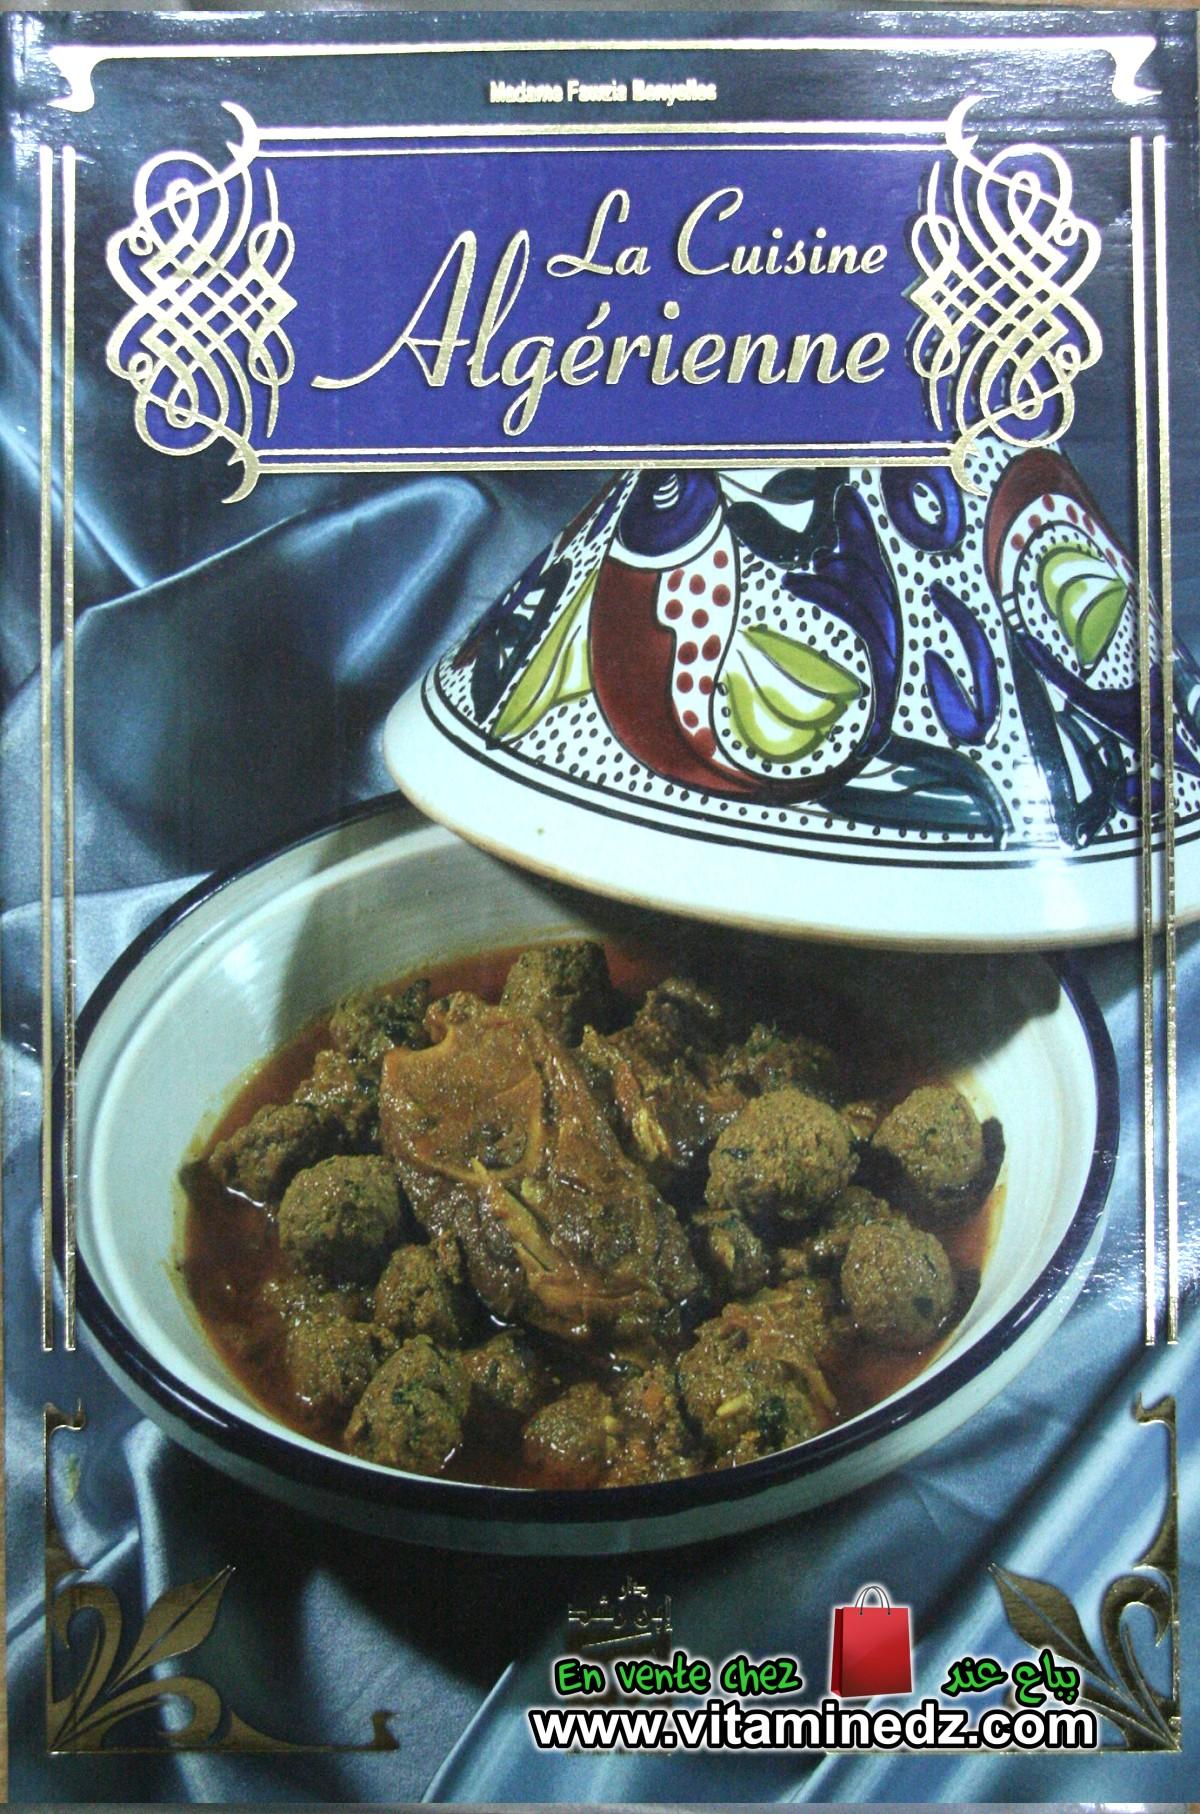 La cuisine Algérienne de Mme Fouzia Benyelles